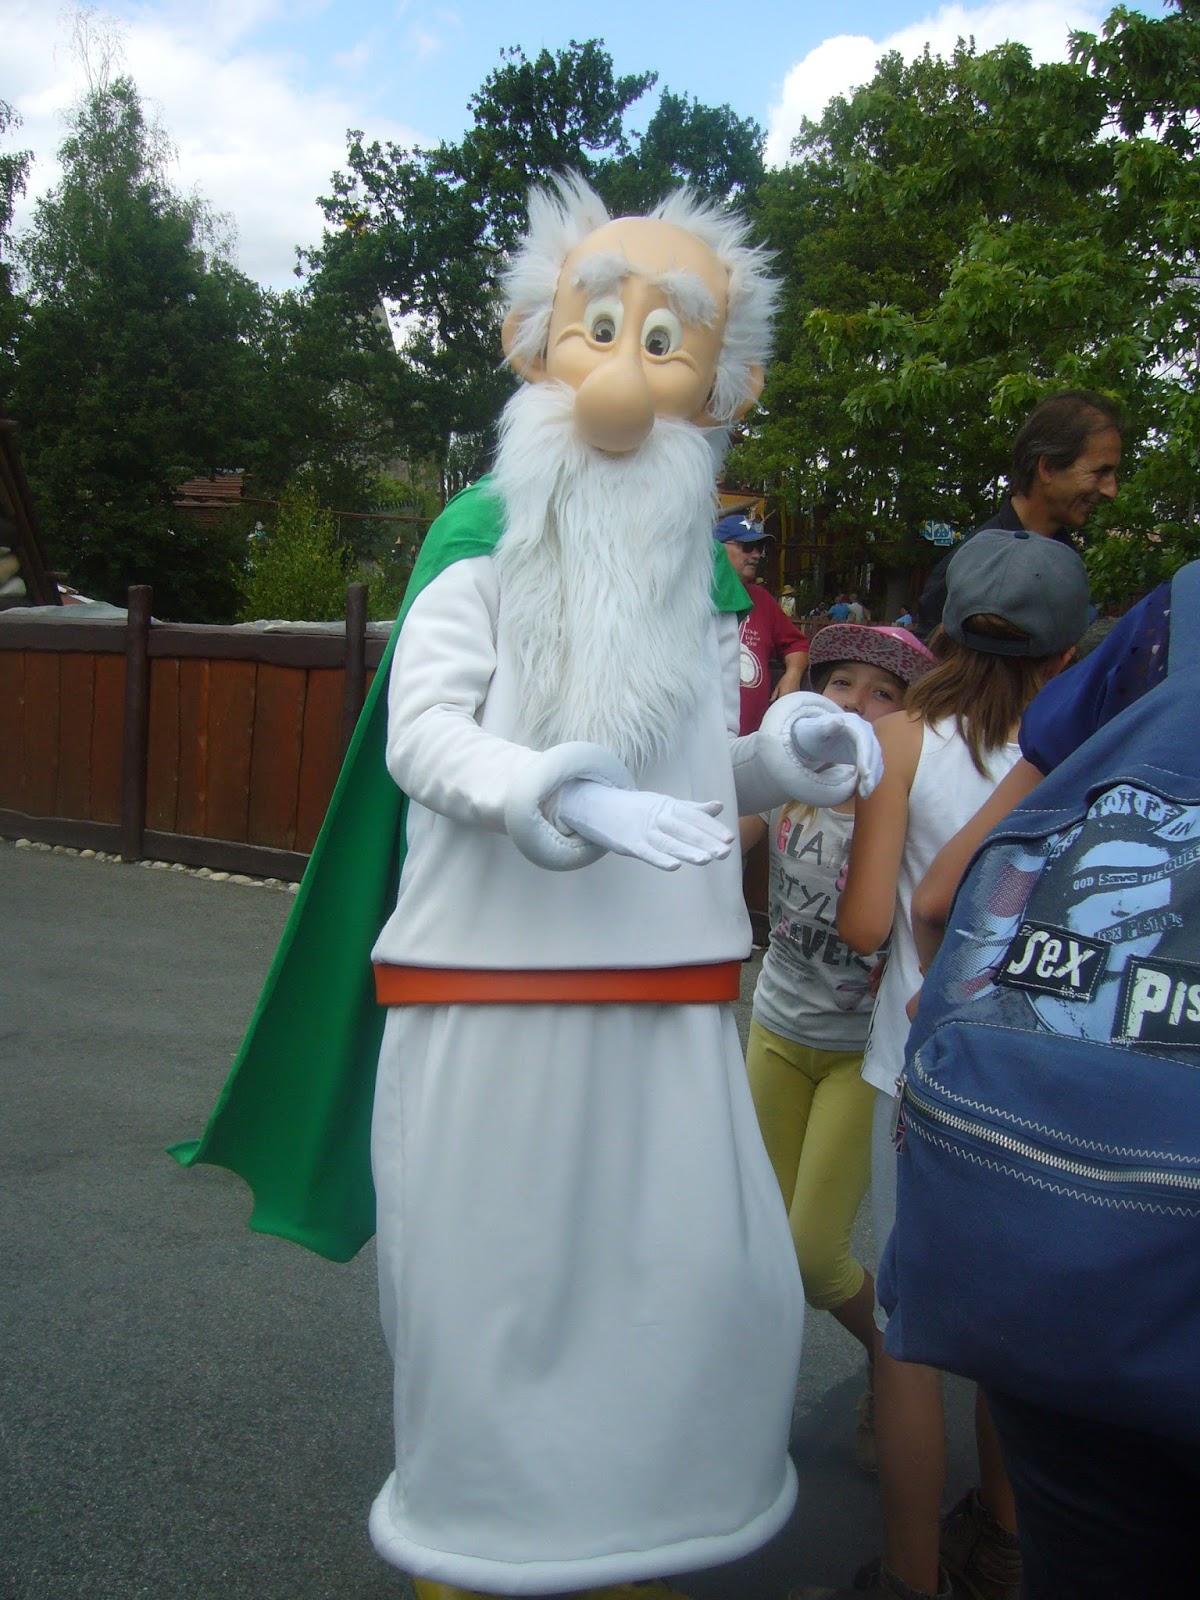 ou rencontre t on asterix et obelix au parc asterix